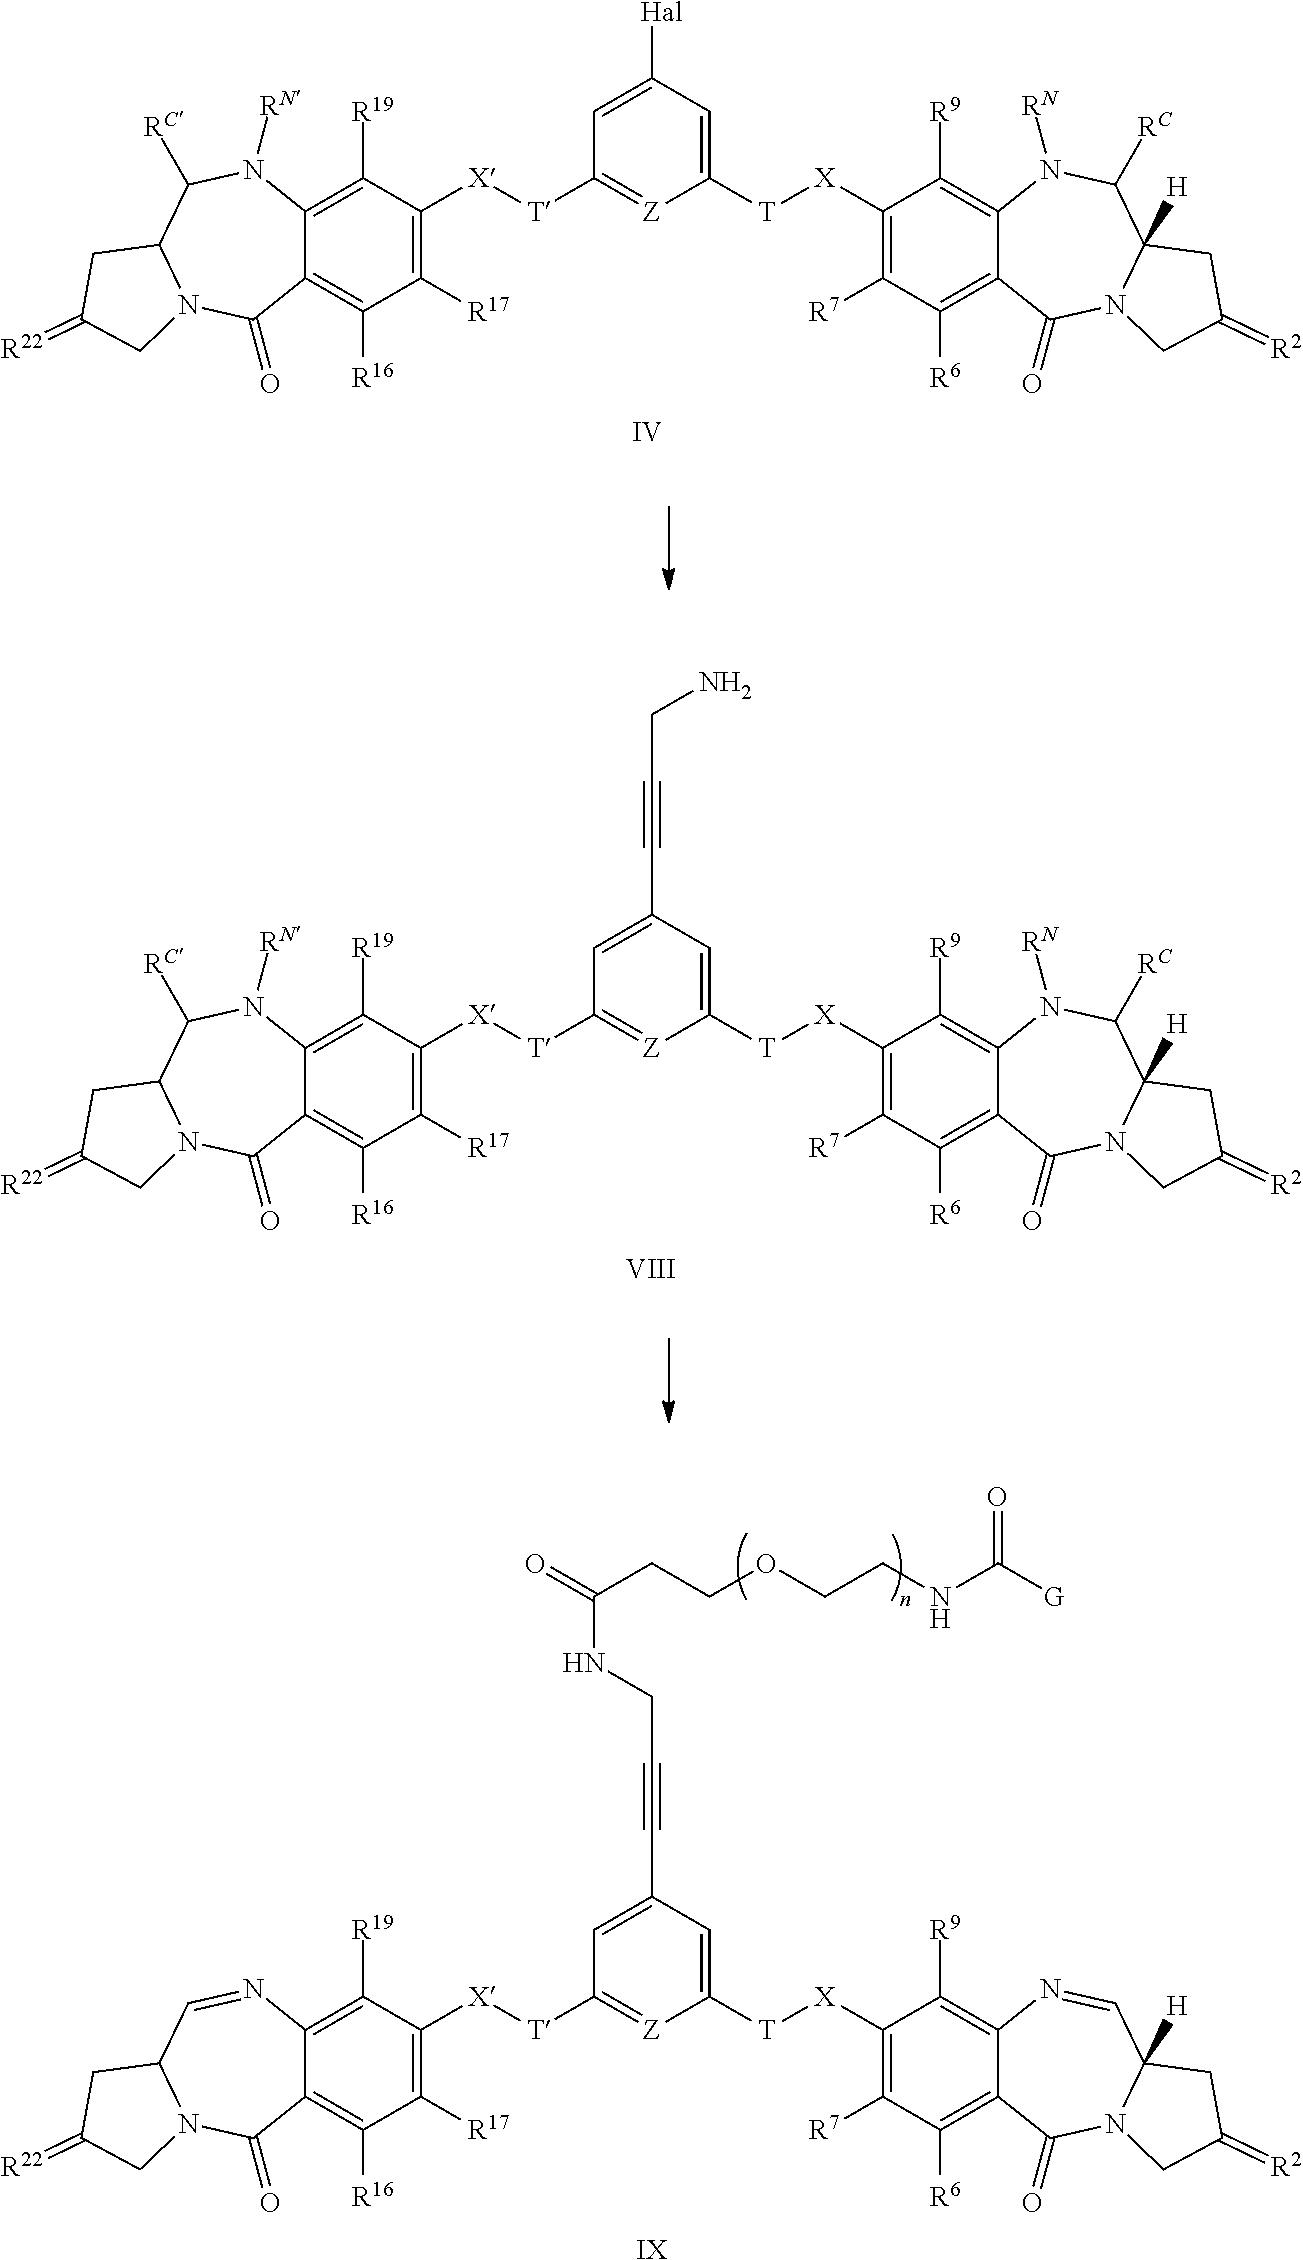 Figure US09821074-20171121-C00051